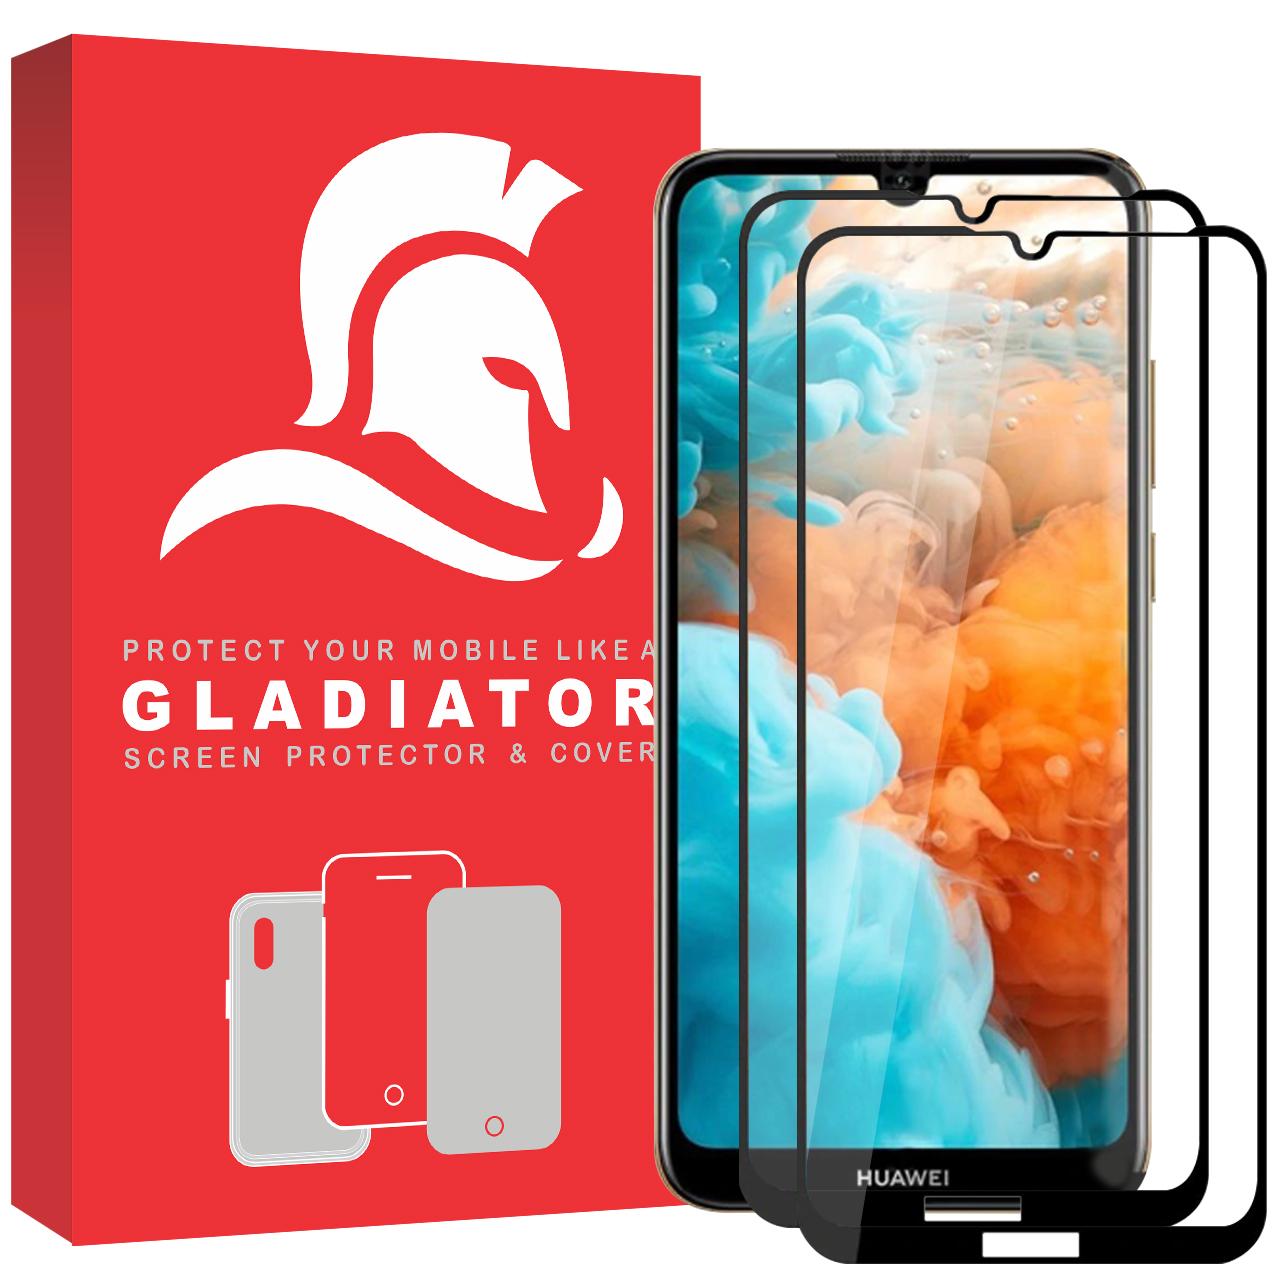 محافظ صفحه نمایش گلادیاتور مدل GPH2000 مناسب برای گوشی موبایل هوآوی Y7 Prime 2019 بسته دو عددی